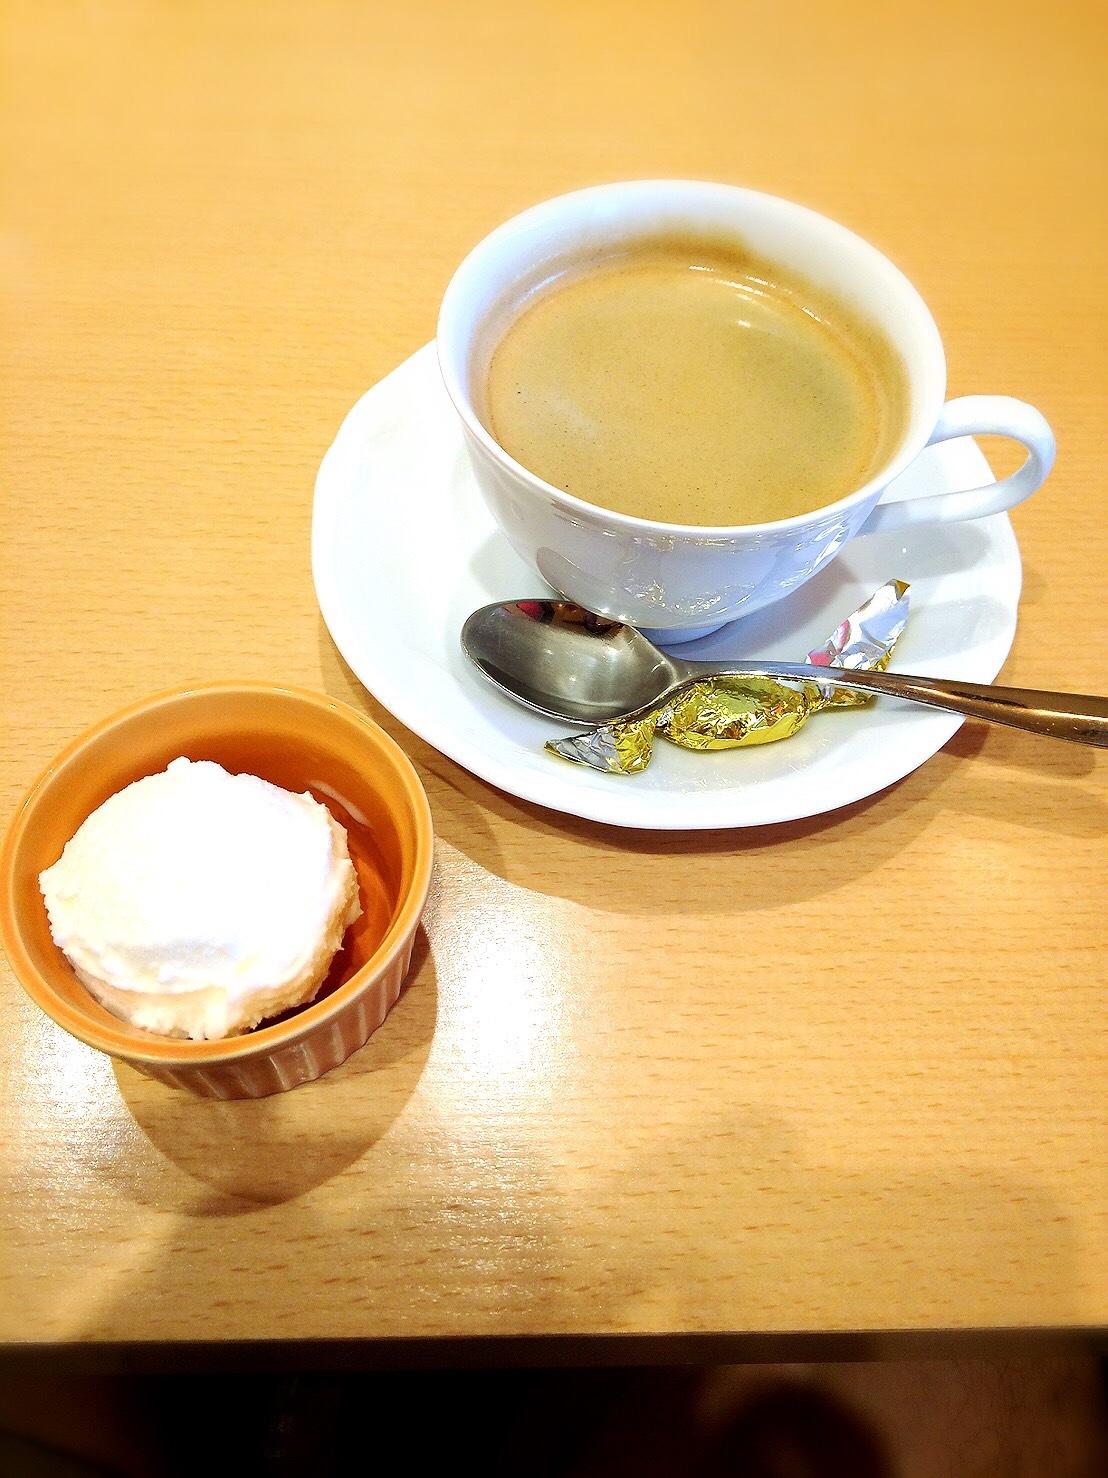 末廣(すえひろ)のコーヒー